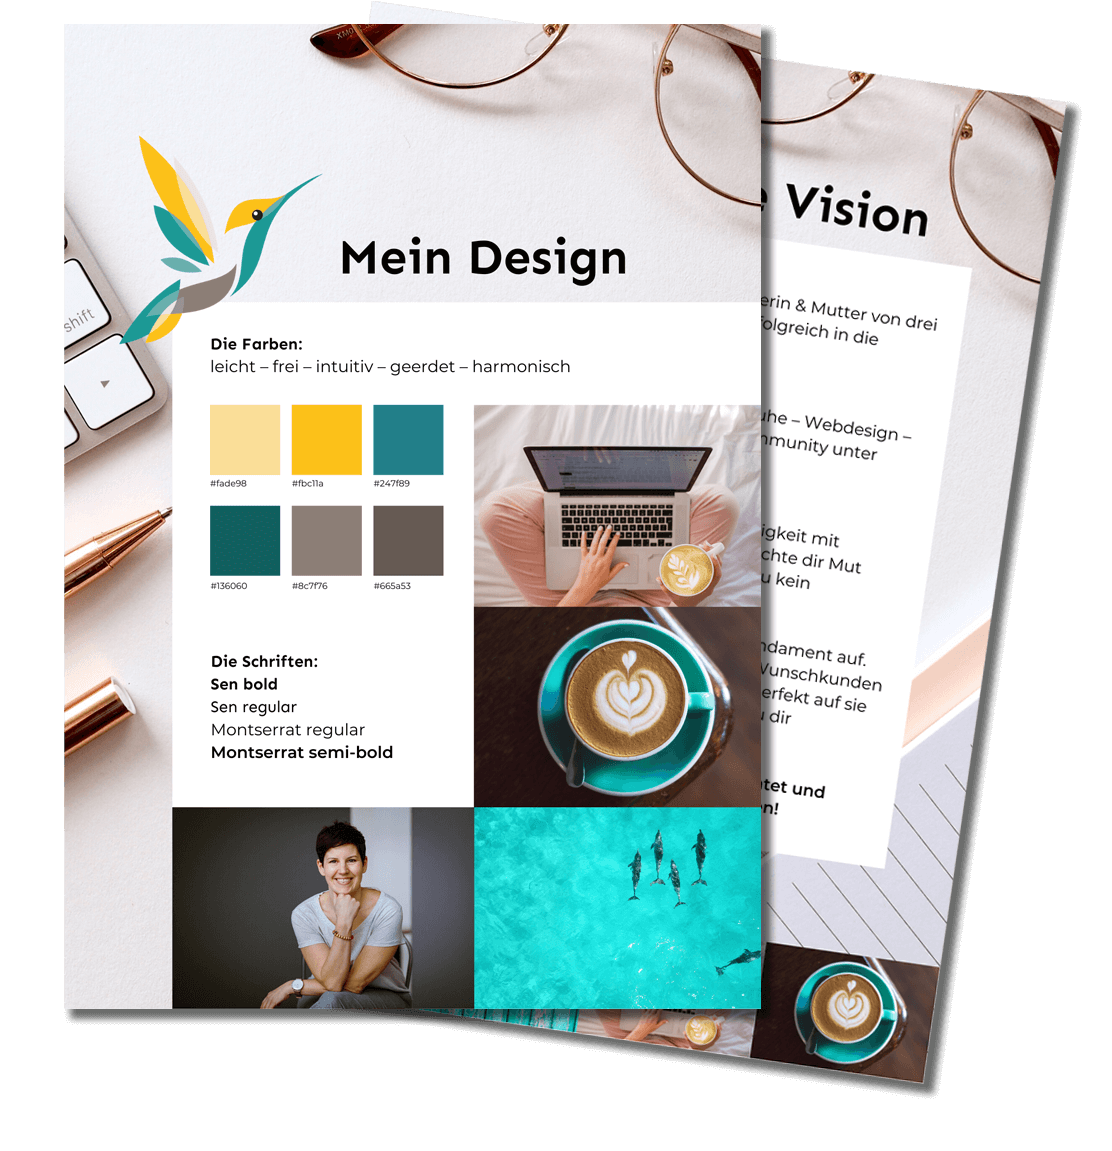 Design für Selbstständige